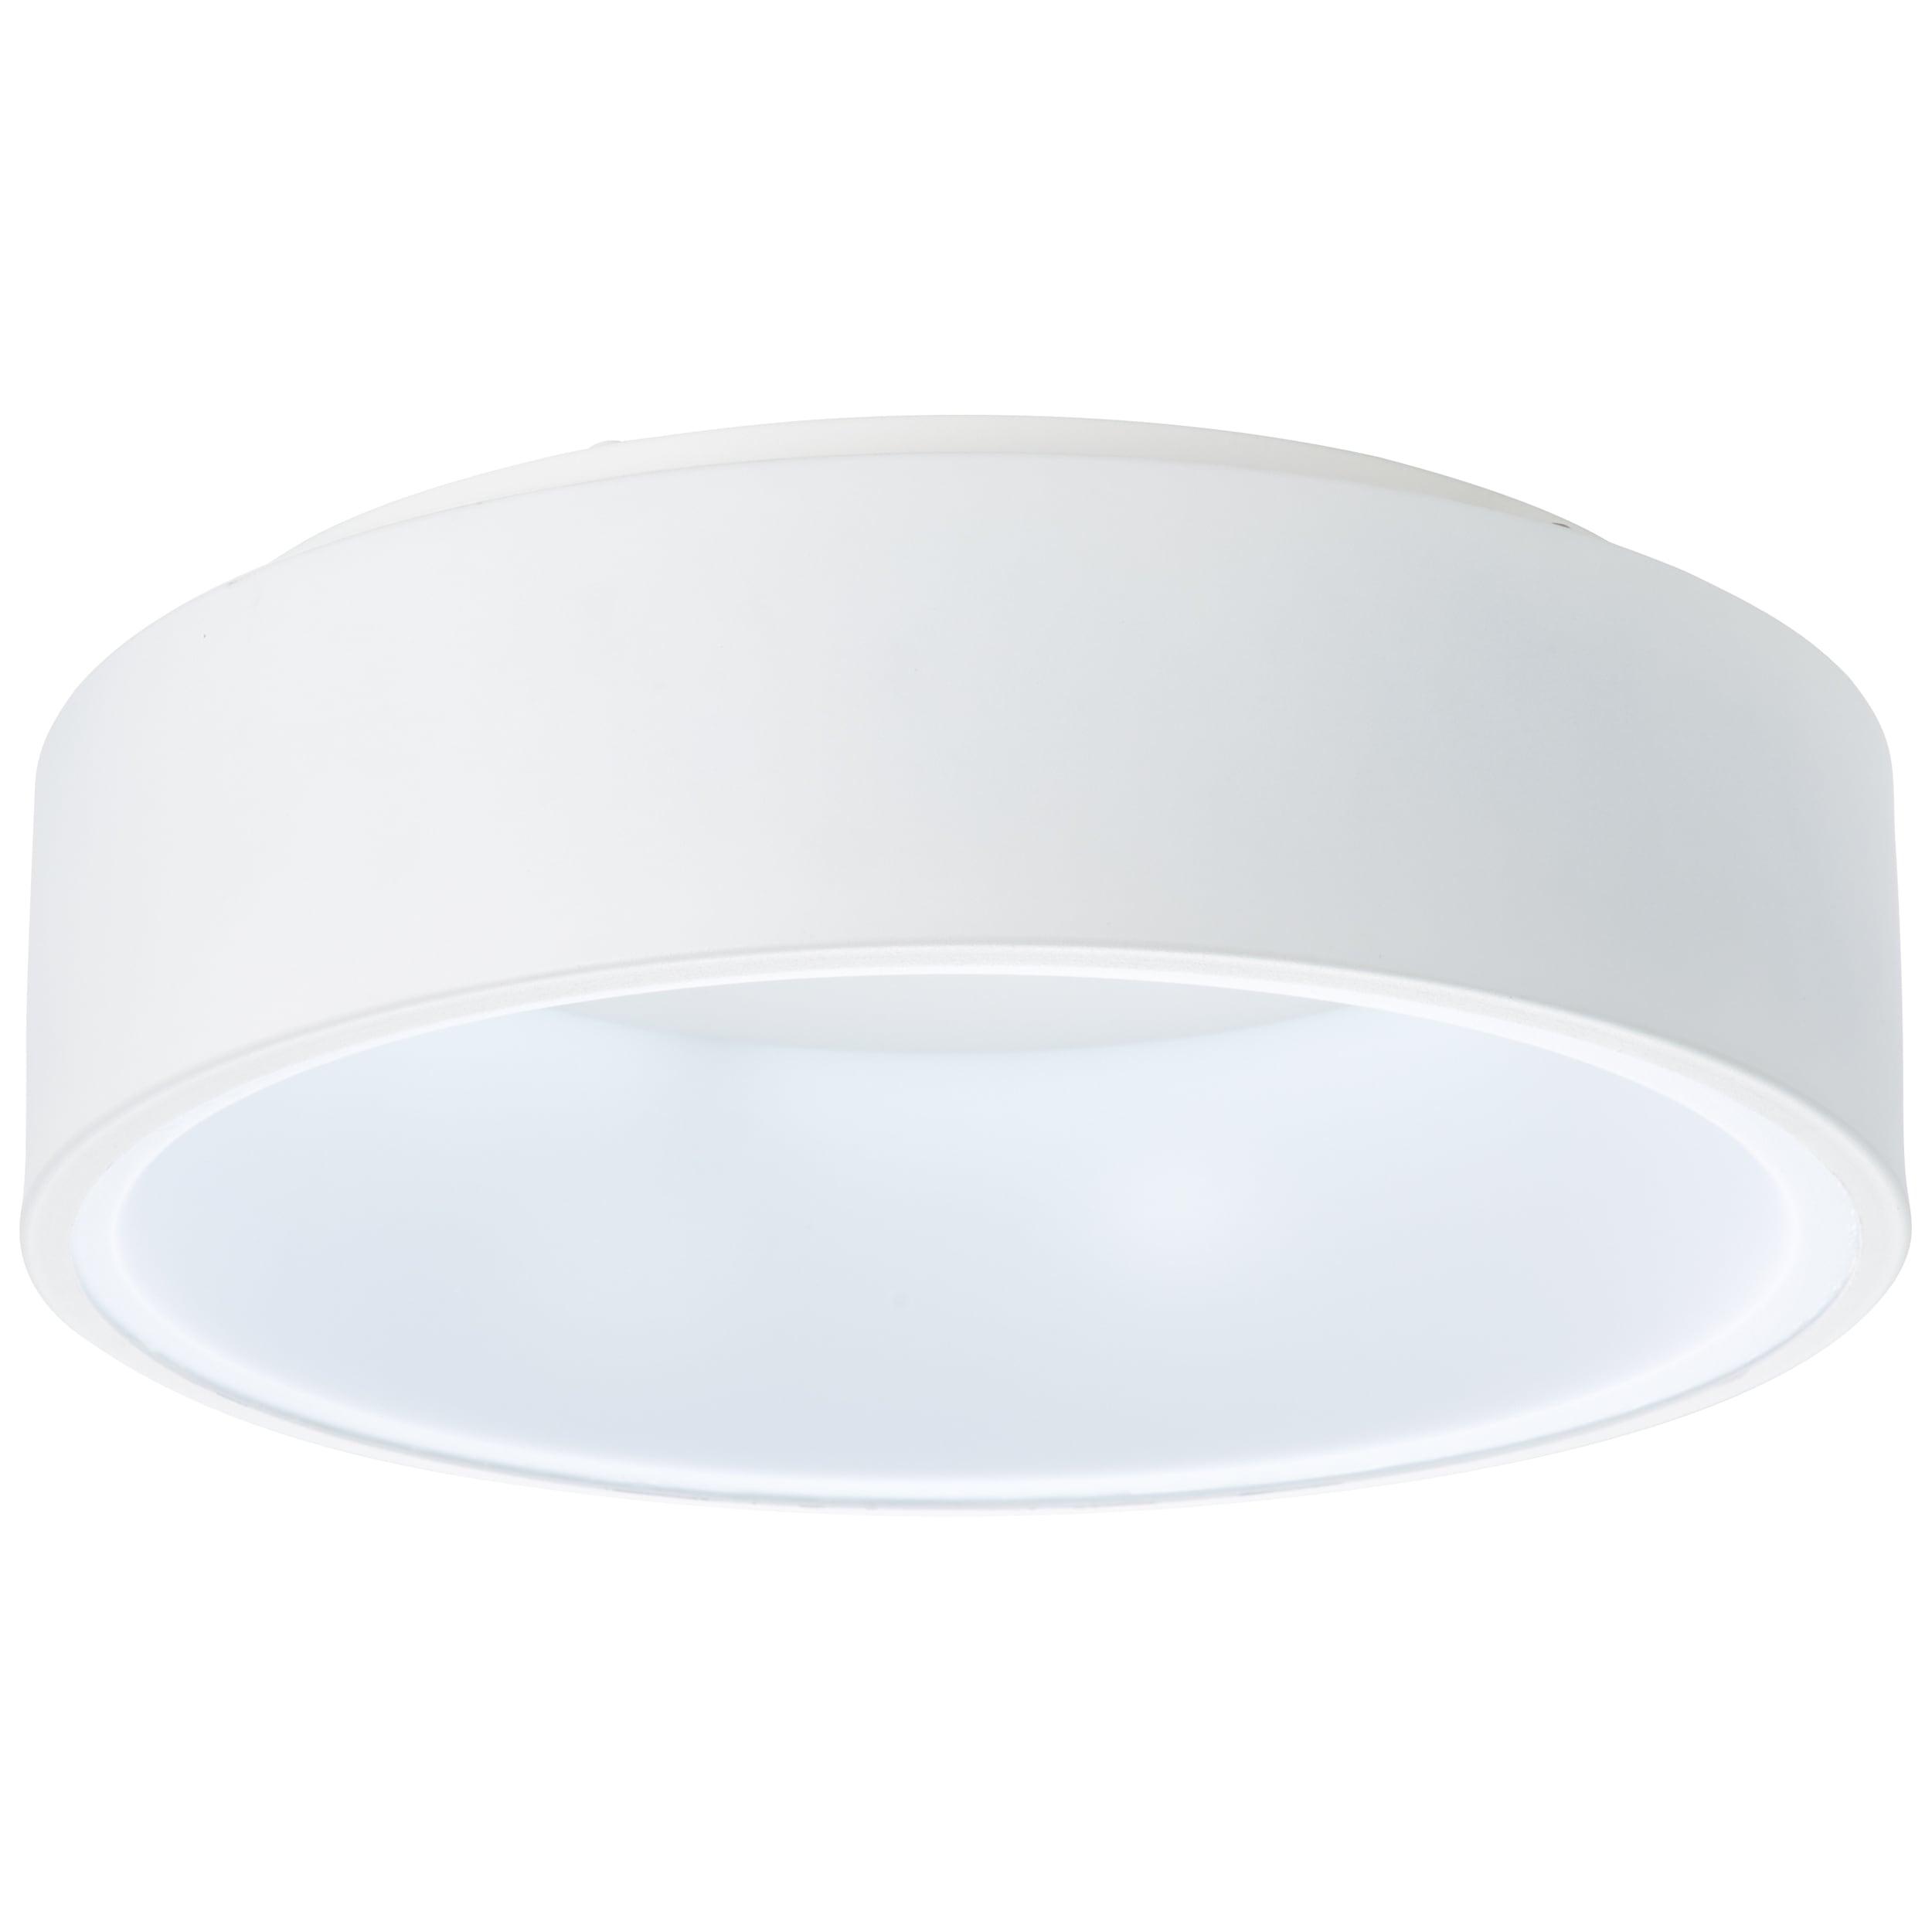 AEG Zondra LED Deckenleuchte 35cm sand/weiß